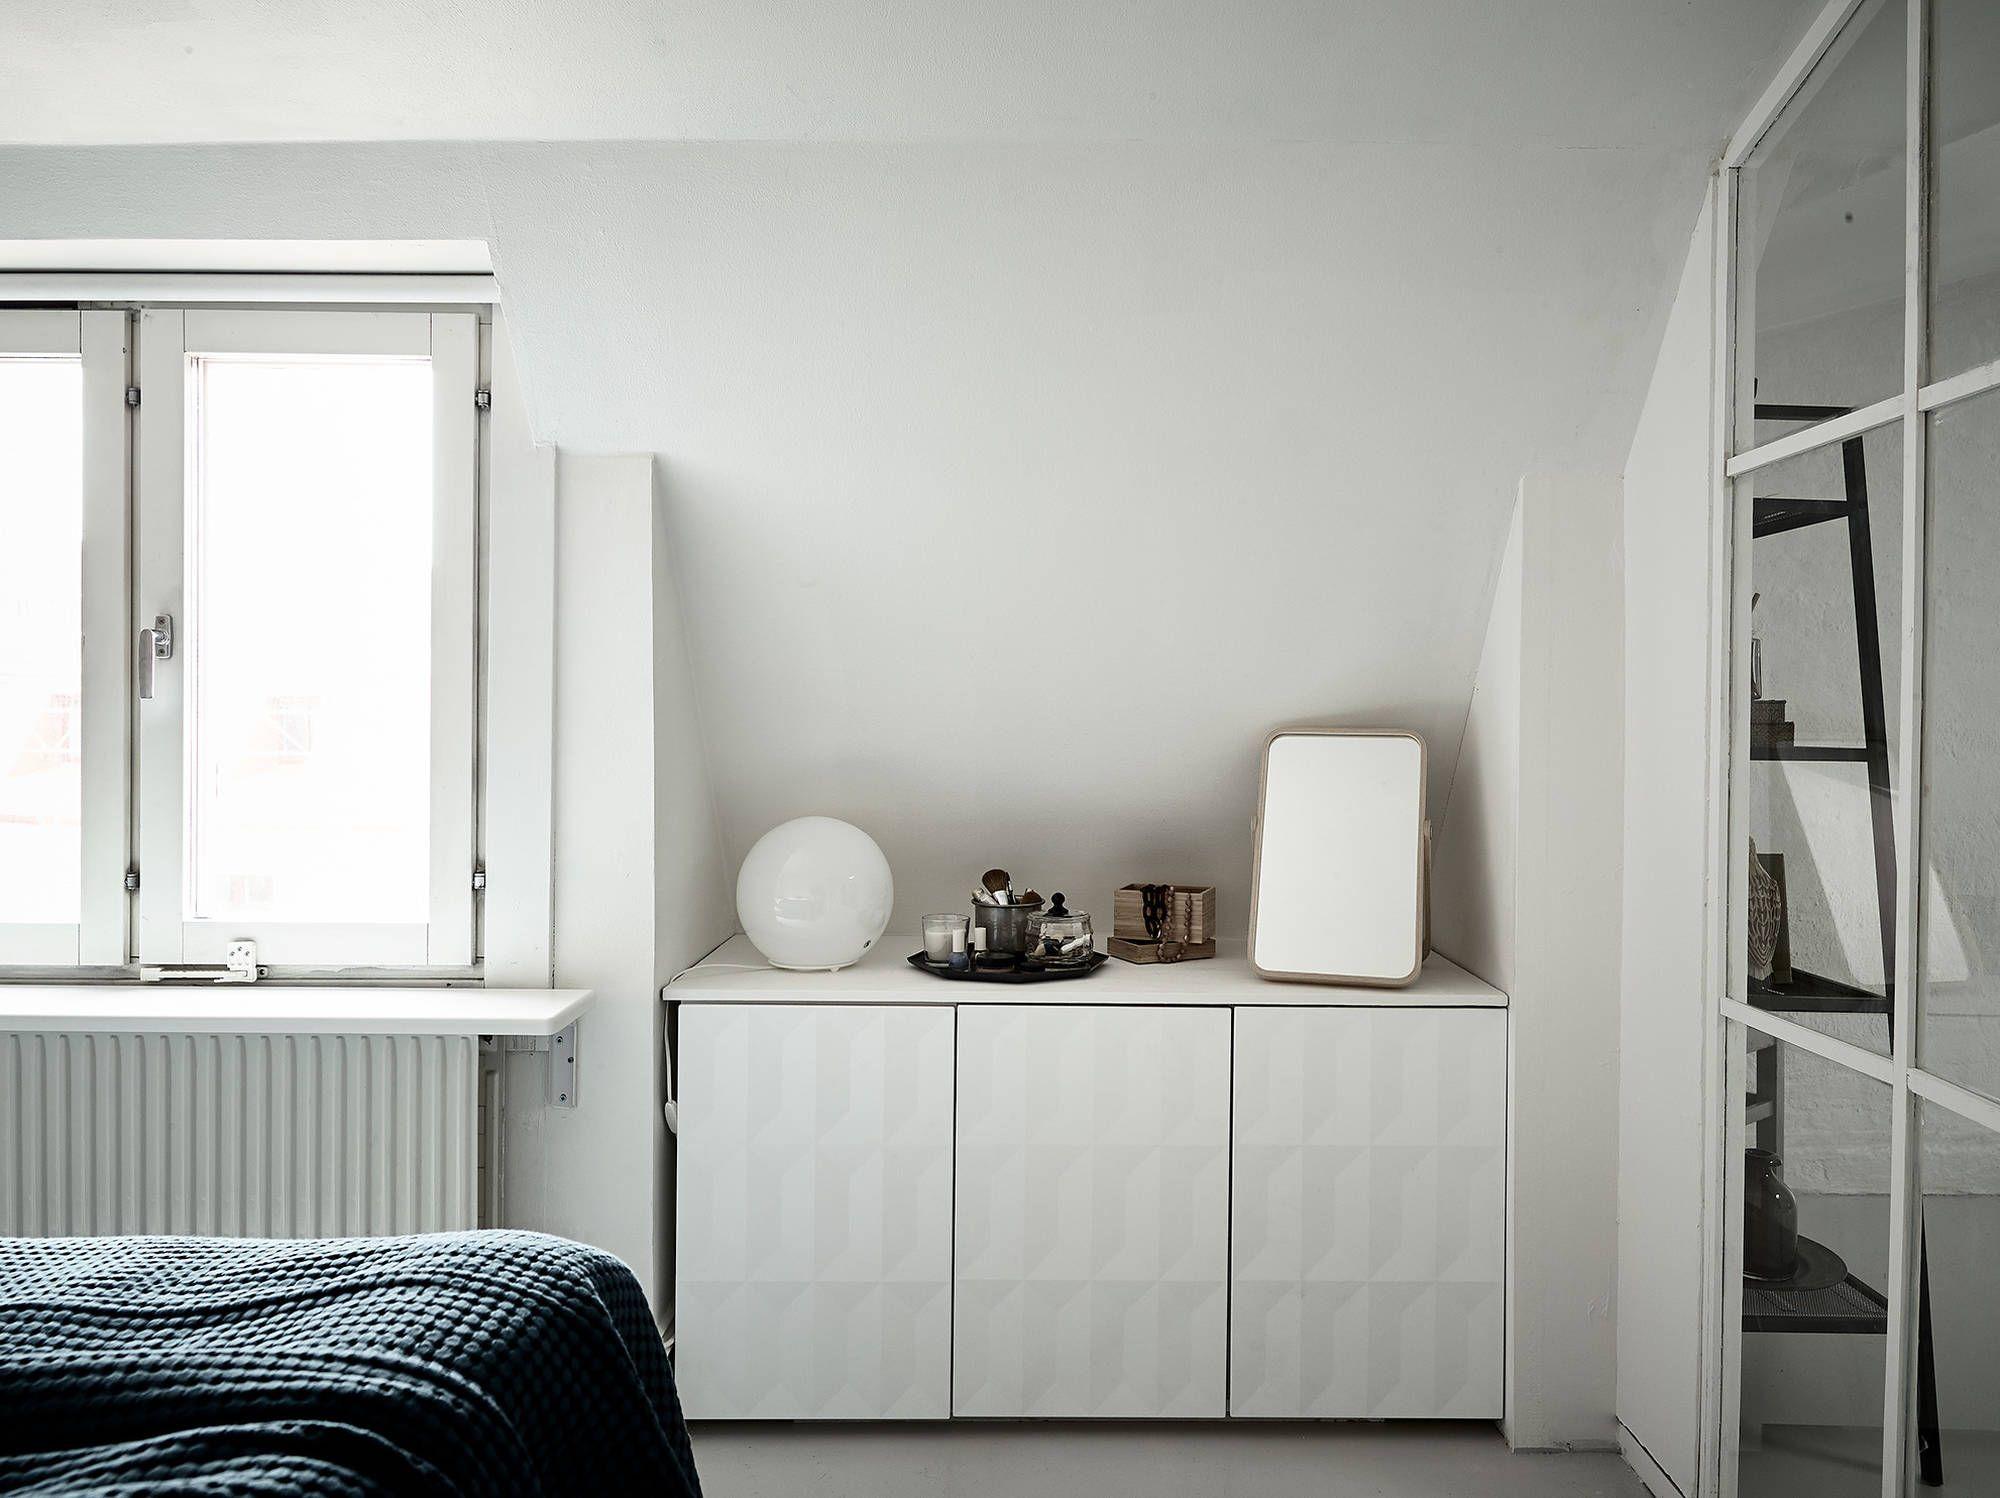 Glazen Wand Slaapkamer : Slaapkamer met een glazen wand met stalen witte kozijnen